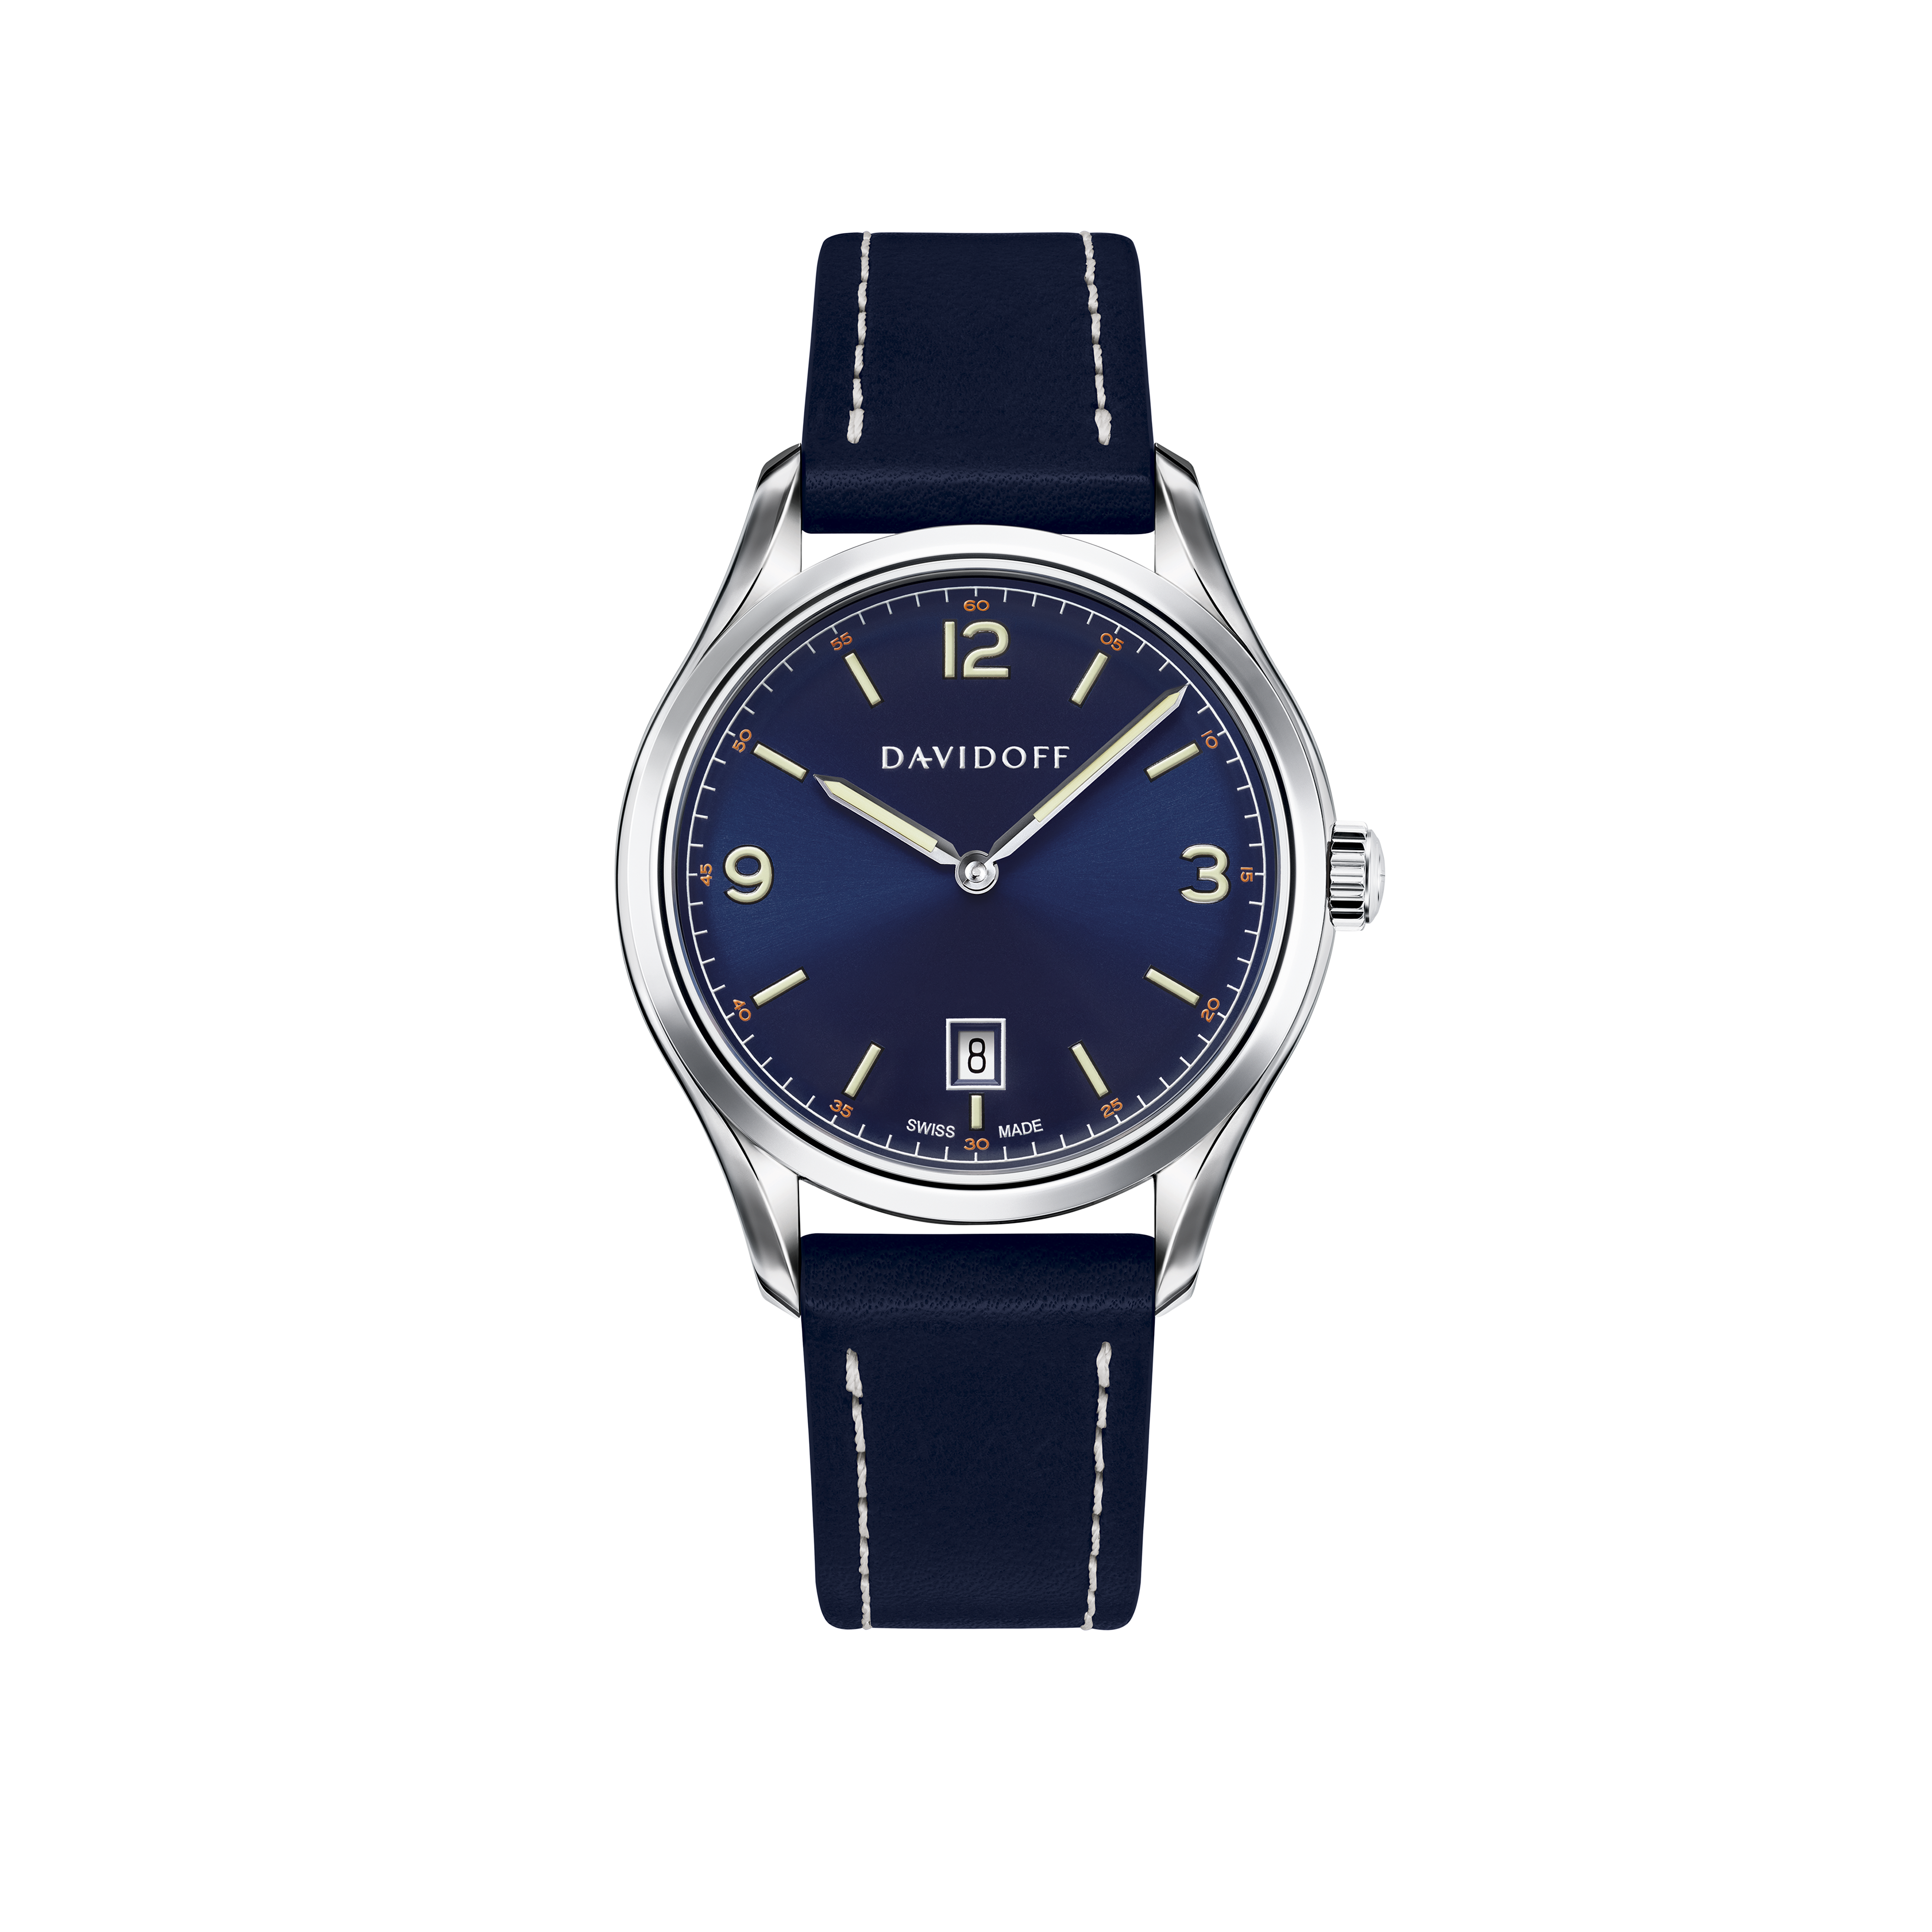 DAVIDOFF ESSENTIALS No.1 watch